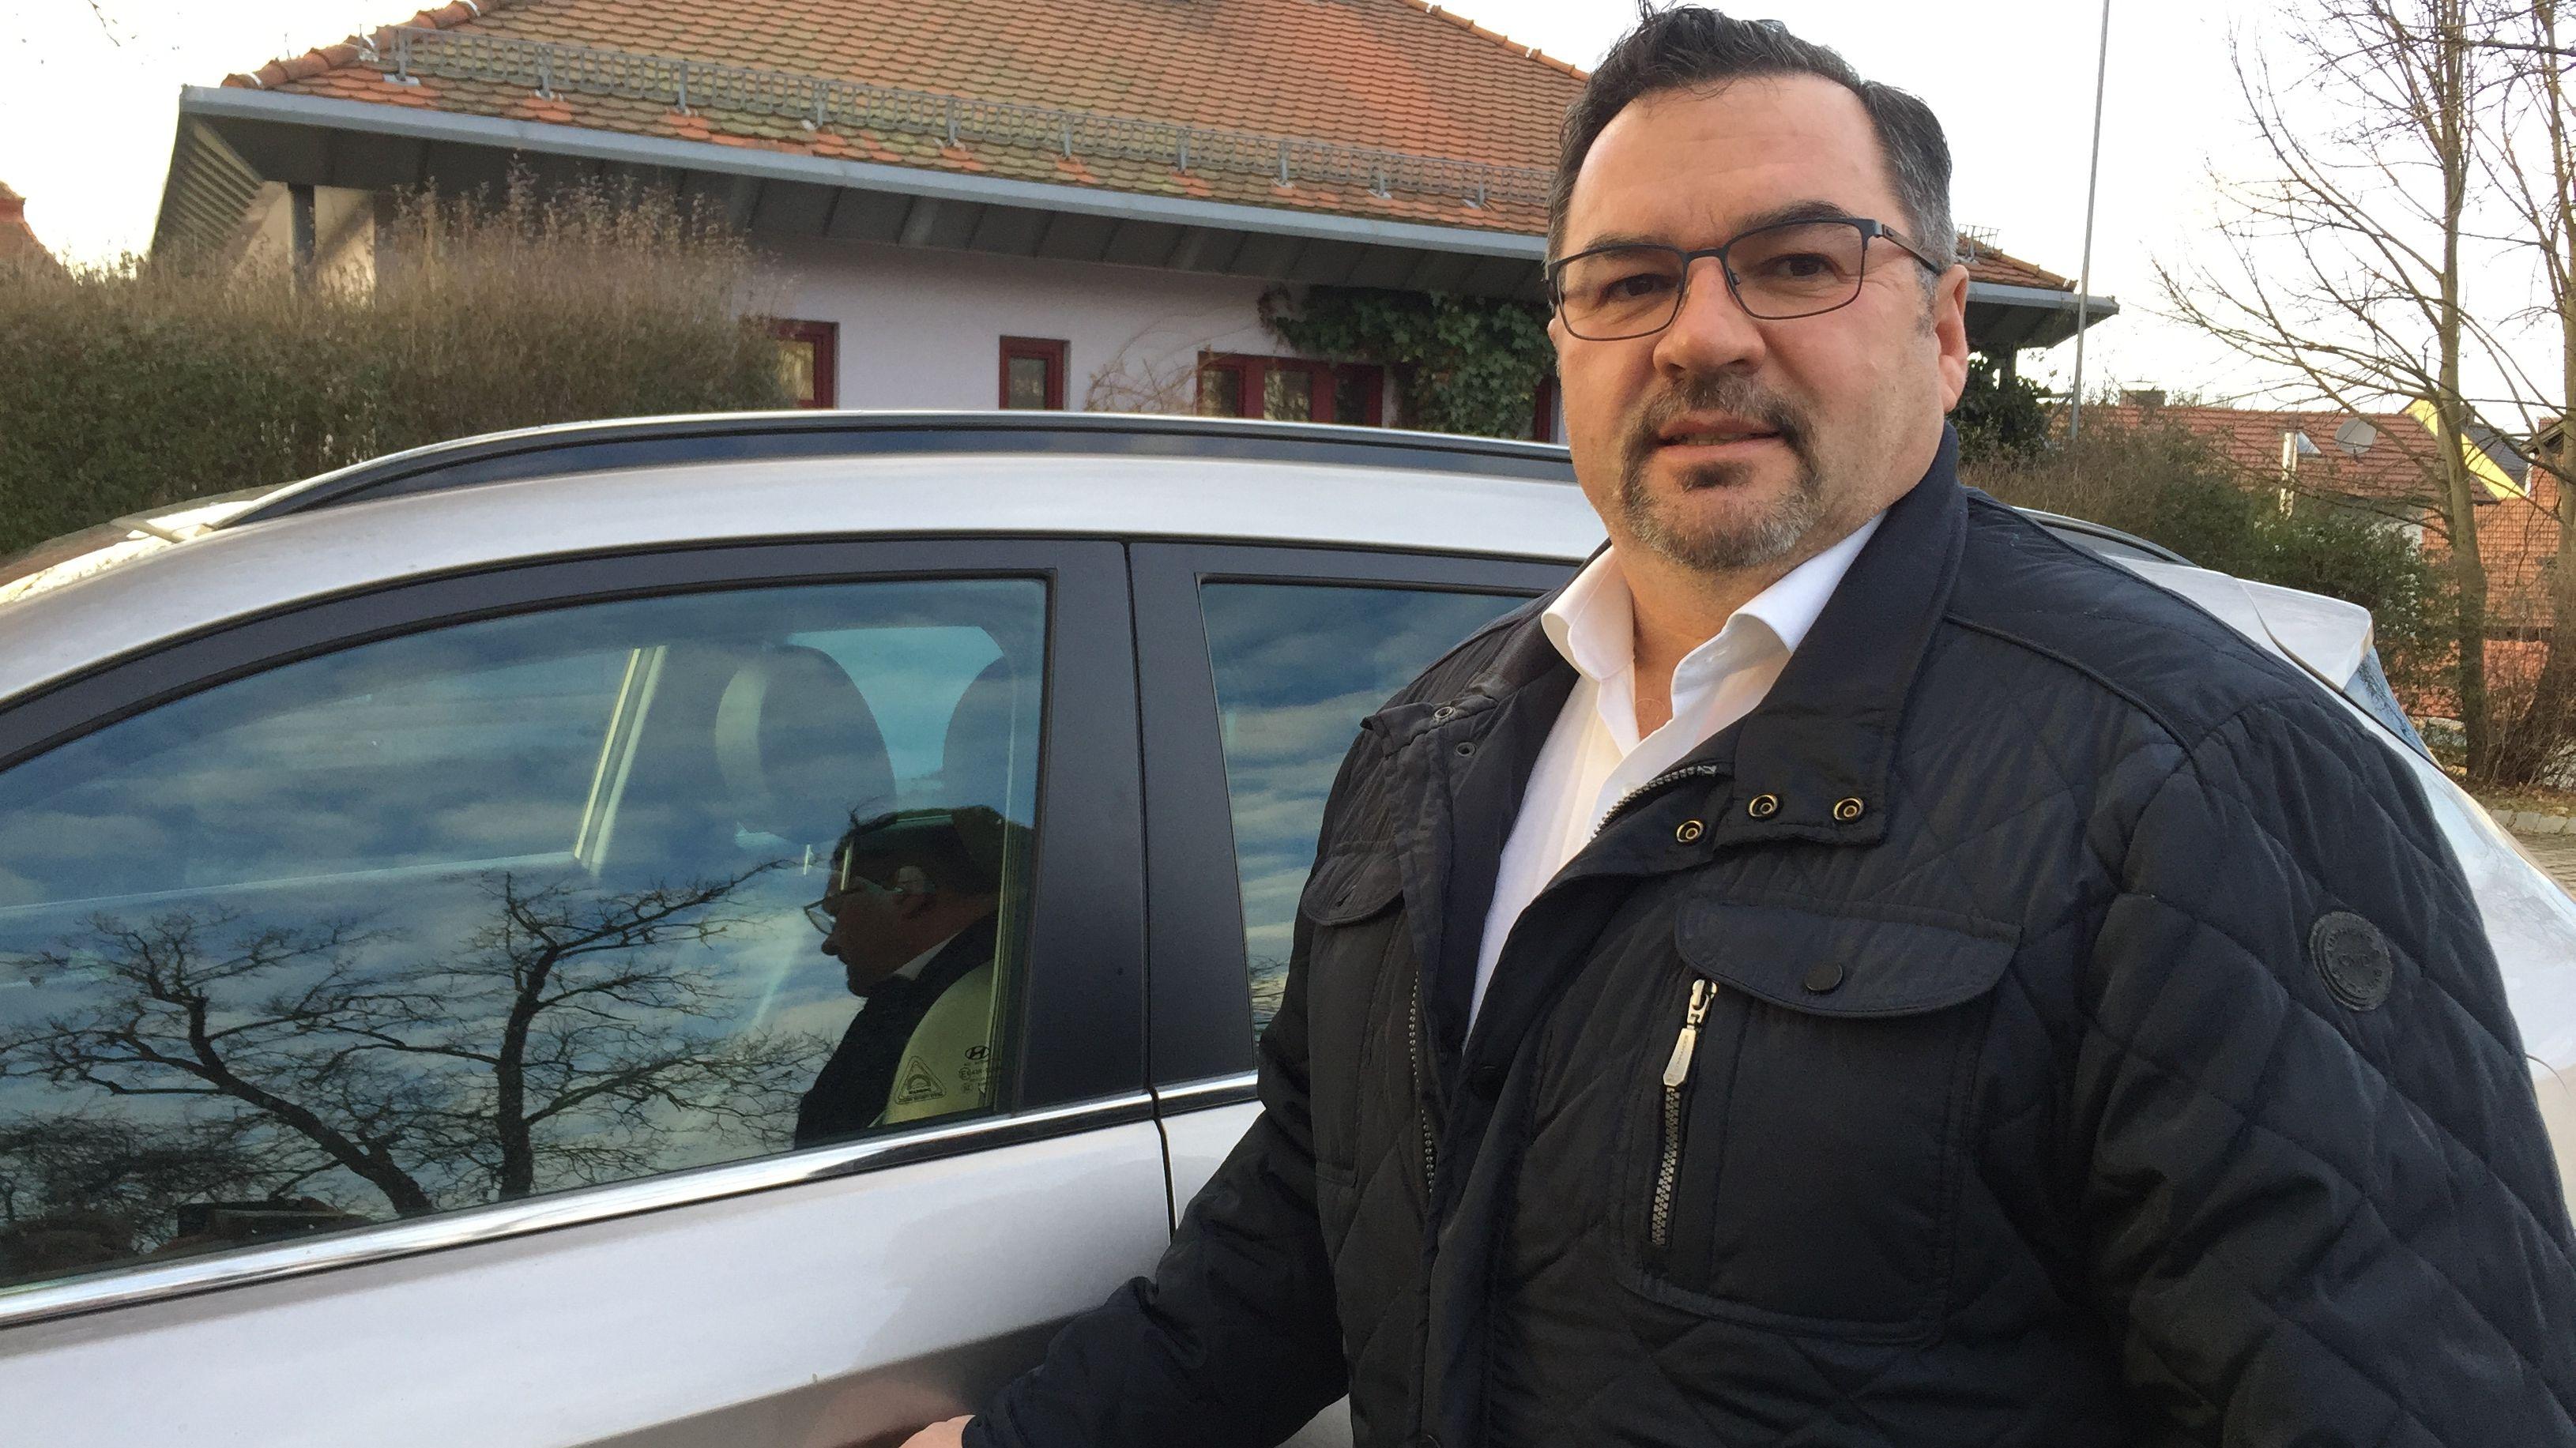 Mehrmals lockerte ein Unbekannter am Auto von Werner Troiber, Bürgermeister von Ruhmannsfelden (Lkr. Regen) Radschrauben.